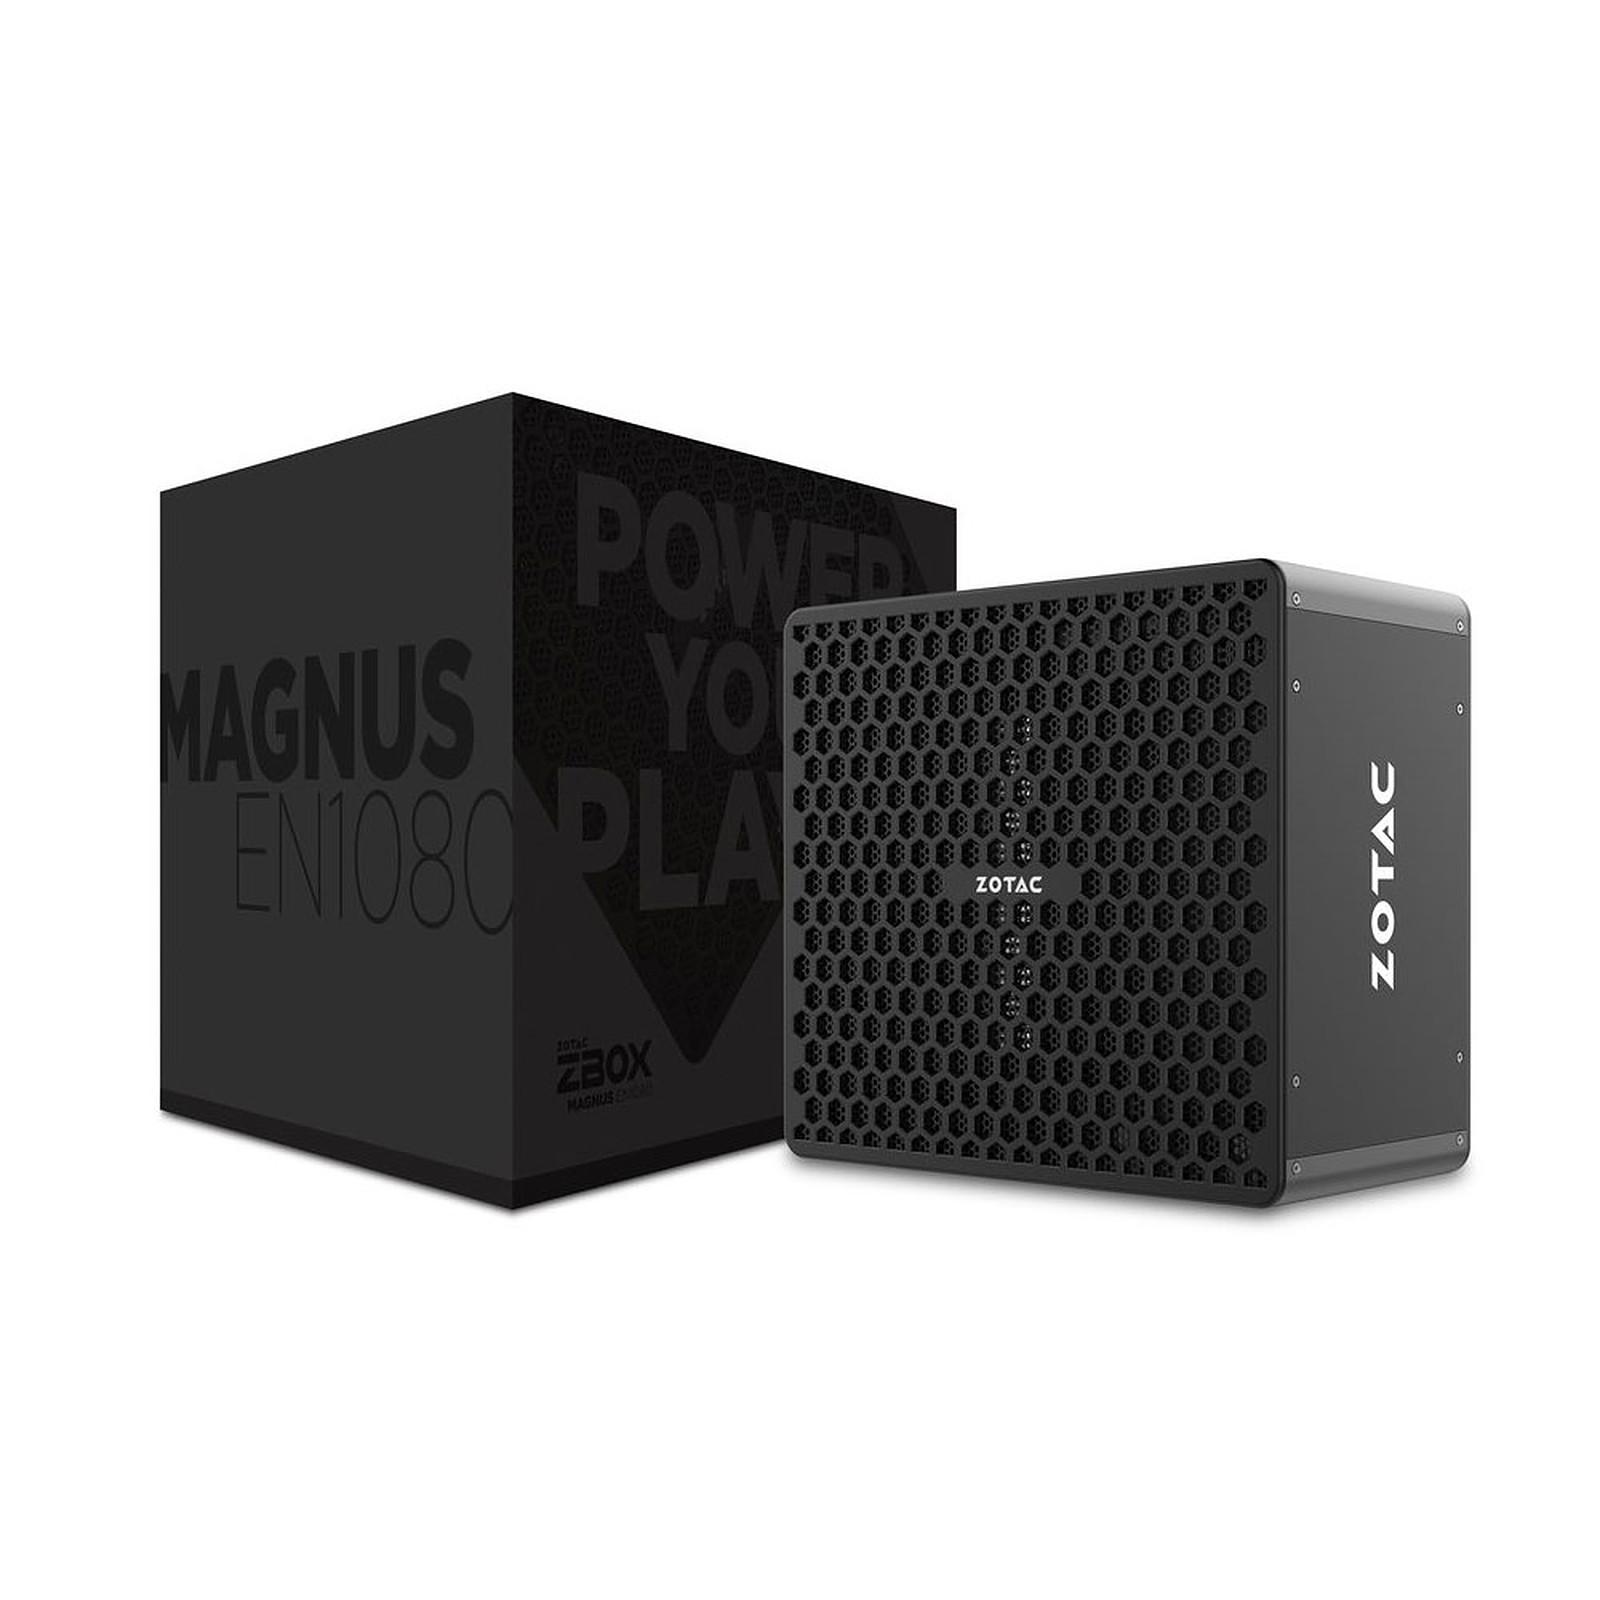 ZOTAC ZBOX MAGNUS EN1080 10 Year Anniversary Edition